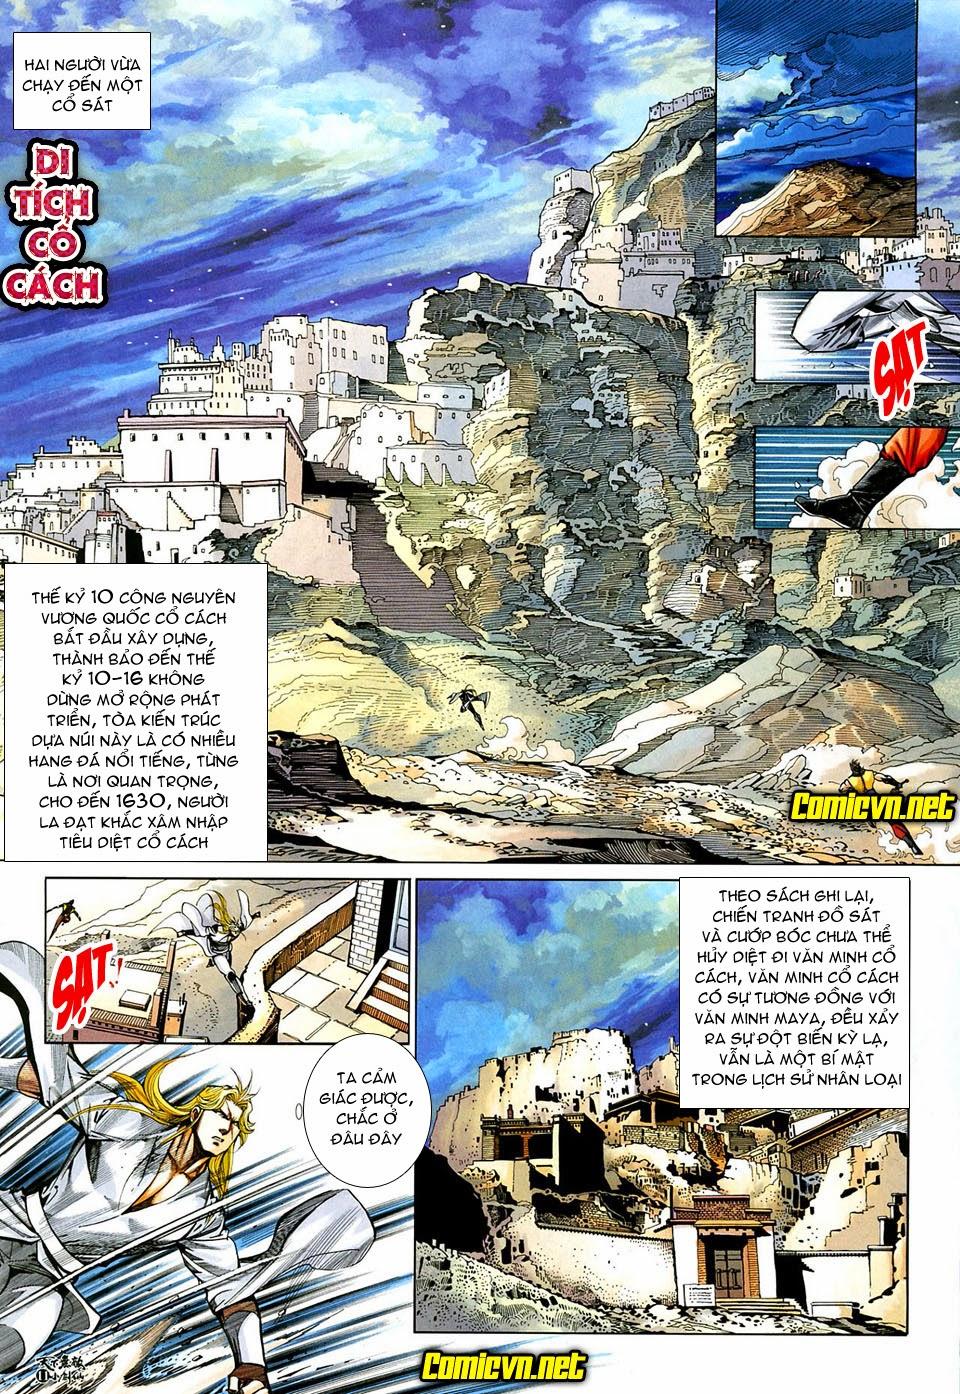 Thiên Hạ Vô Địch Tiểu Kiếm Tiên chap 32 - Trang 11